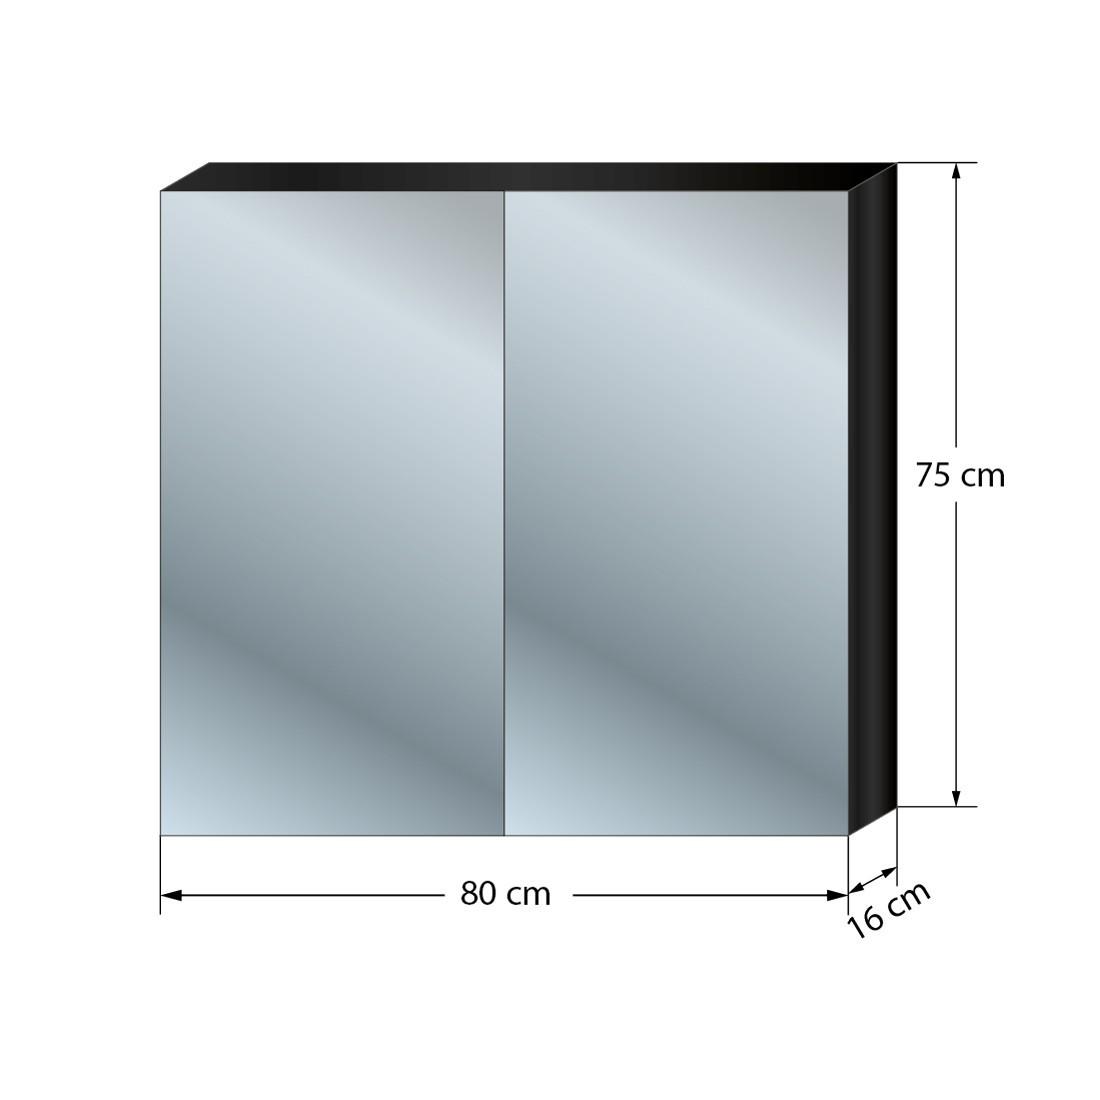 Spiegelschrank badspiegel badezimmer spiegel city 100 80cm for Bad spiegelschrank schwarz